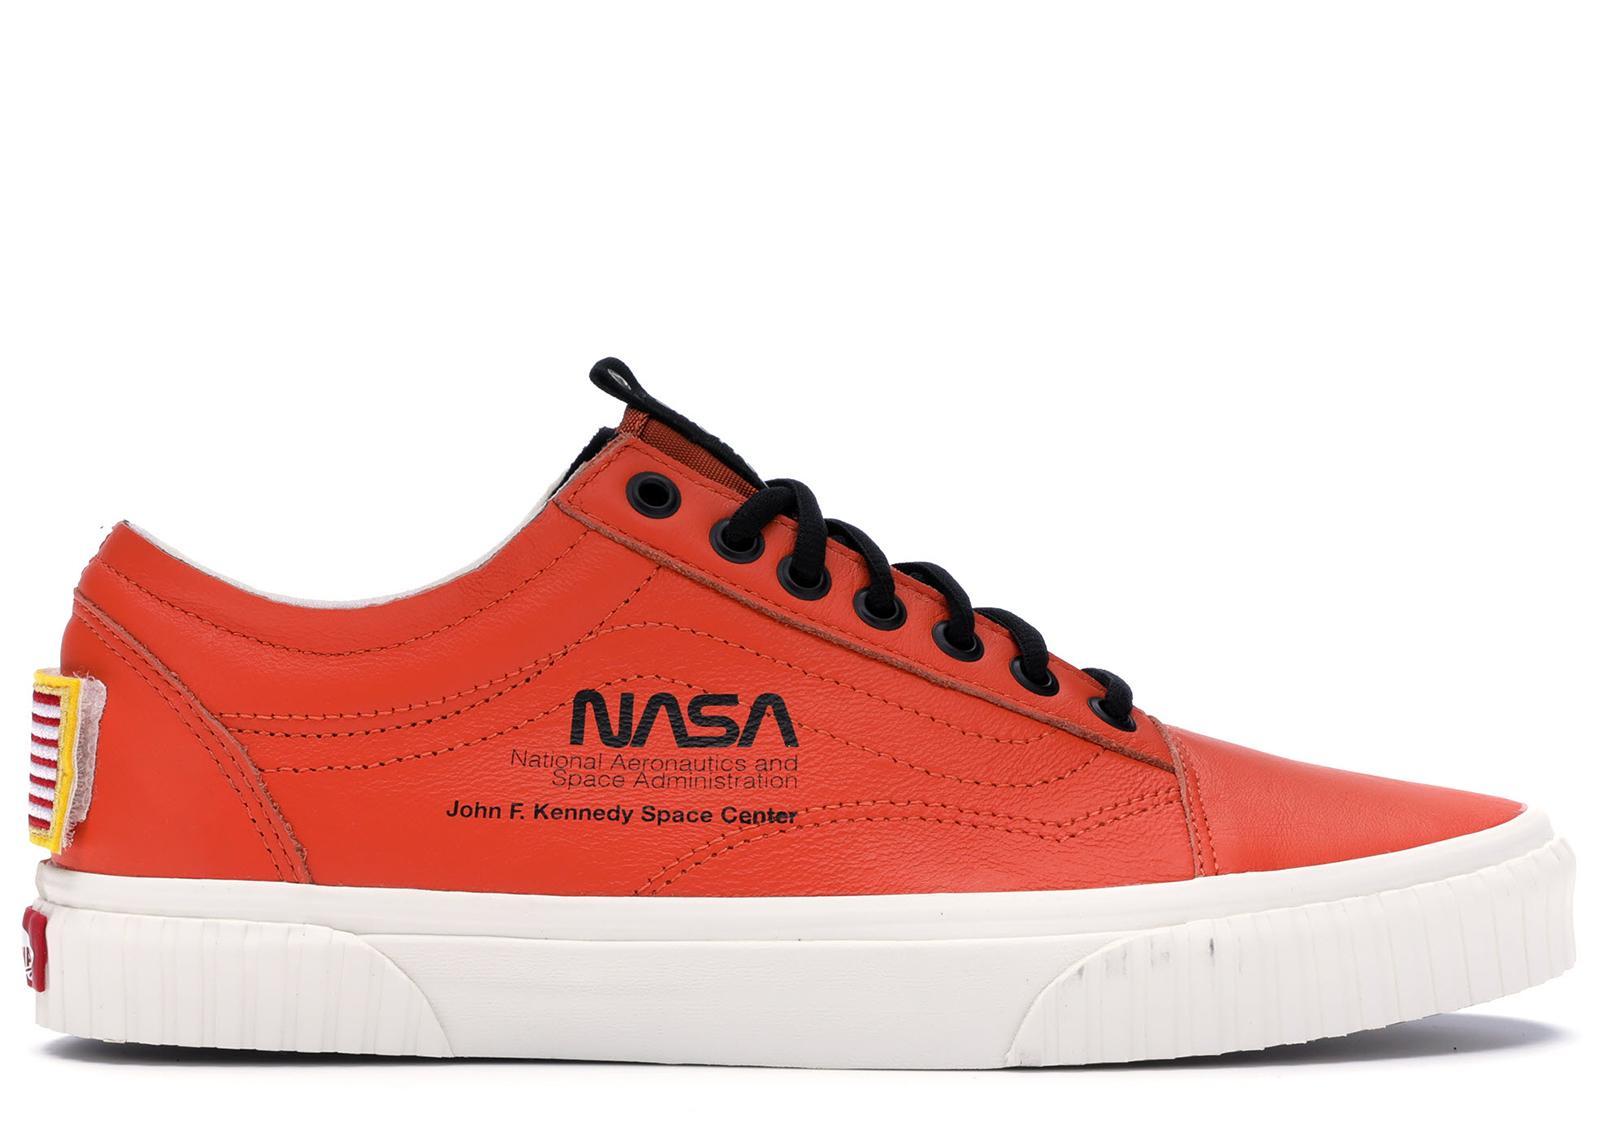 Vans Old Skool NASA Space Voyager